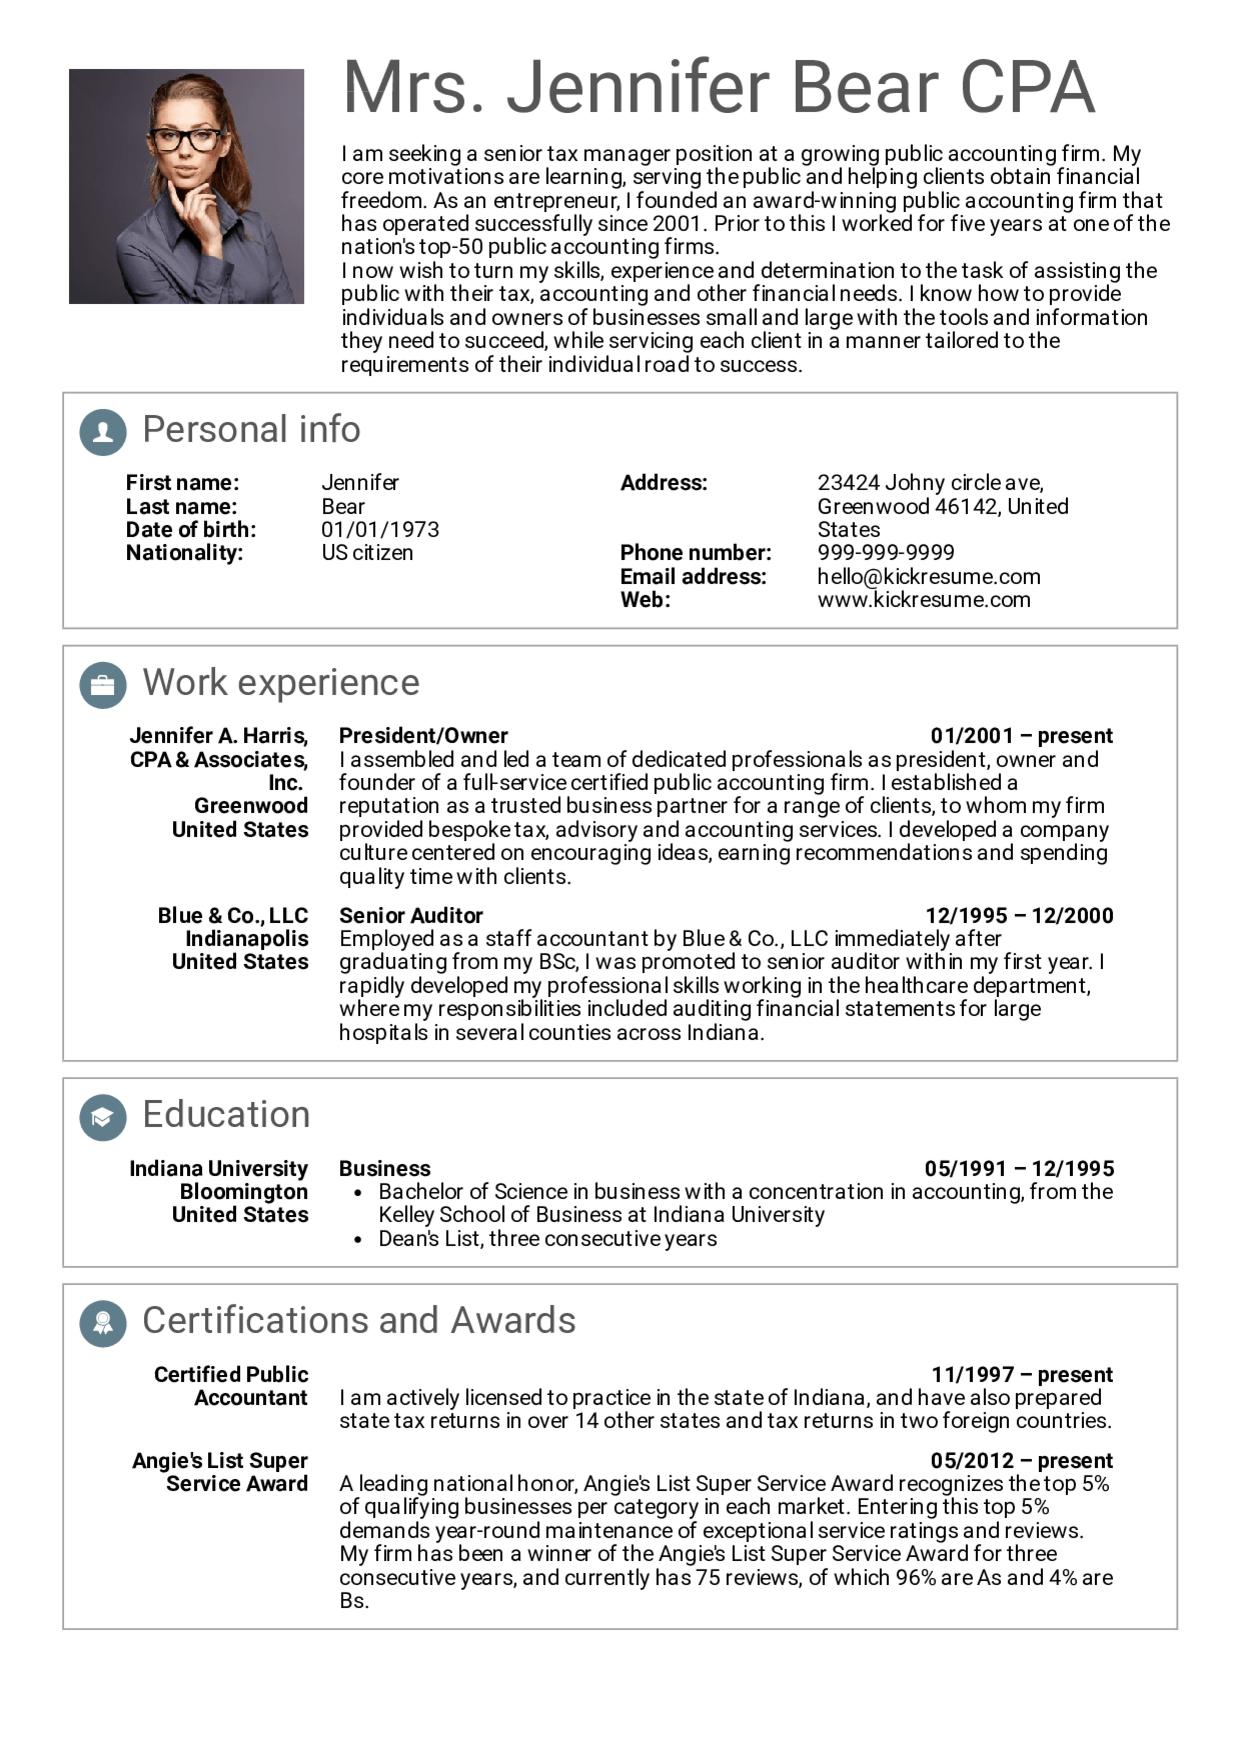 Senior Manager Resume Sample, Senior Manager Resume Sample